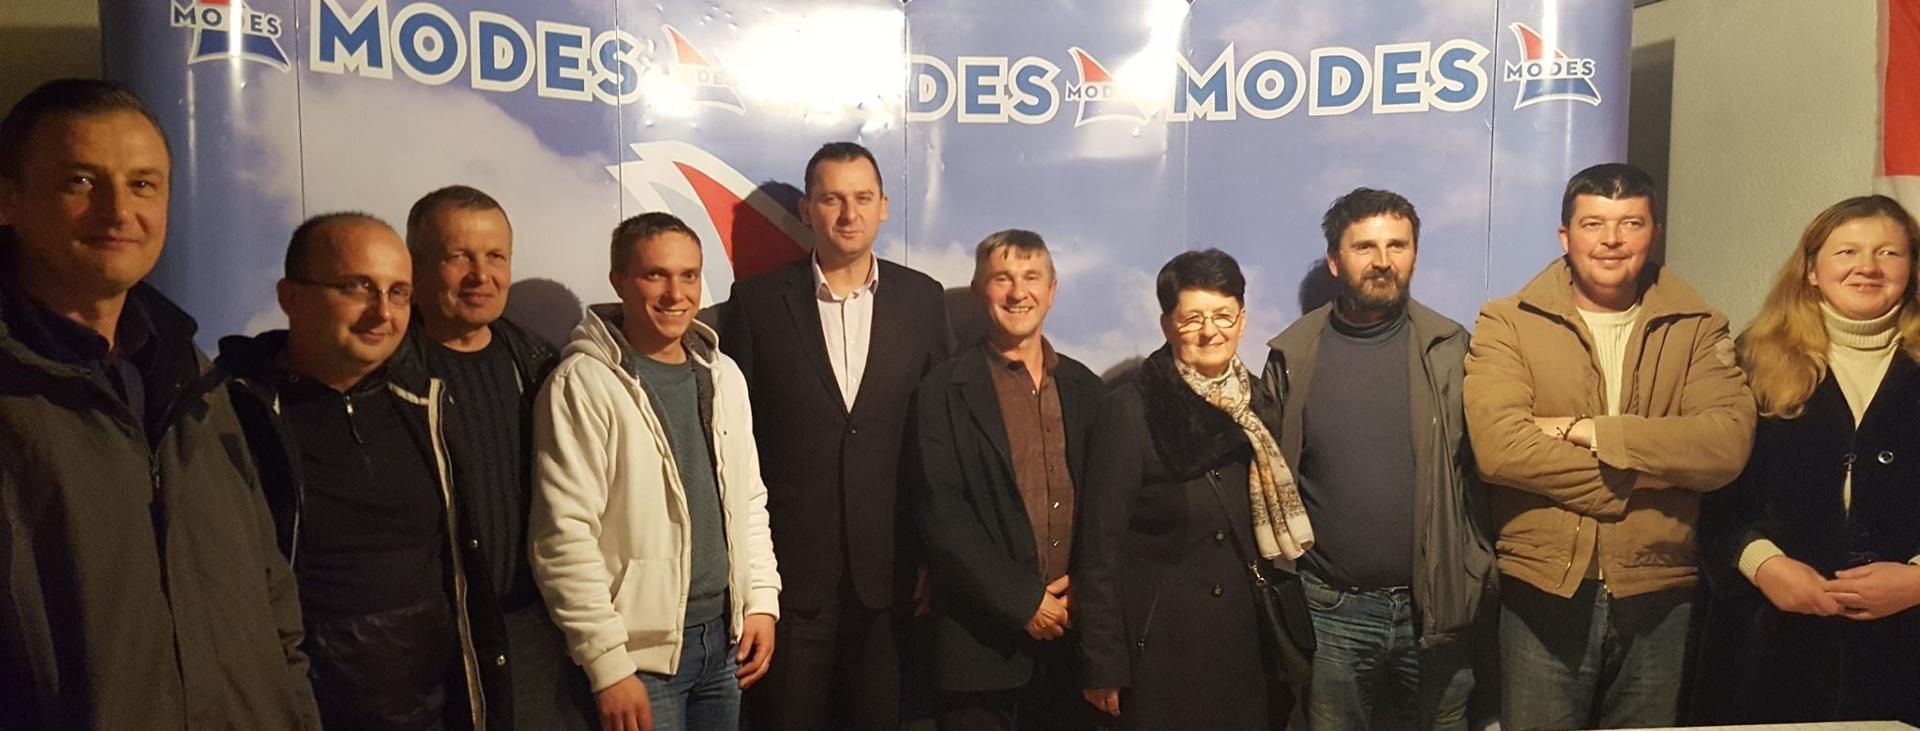 Osnovana podružnica MODES Gračac, predsjednik Marko Bojić